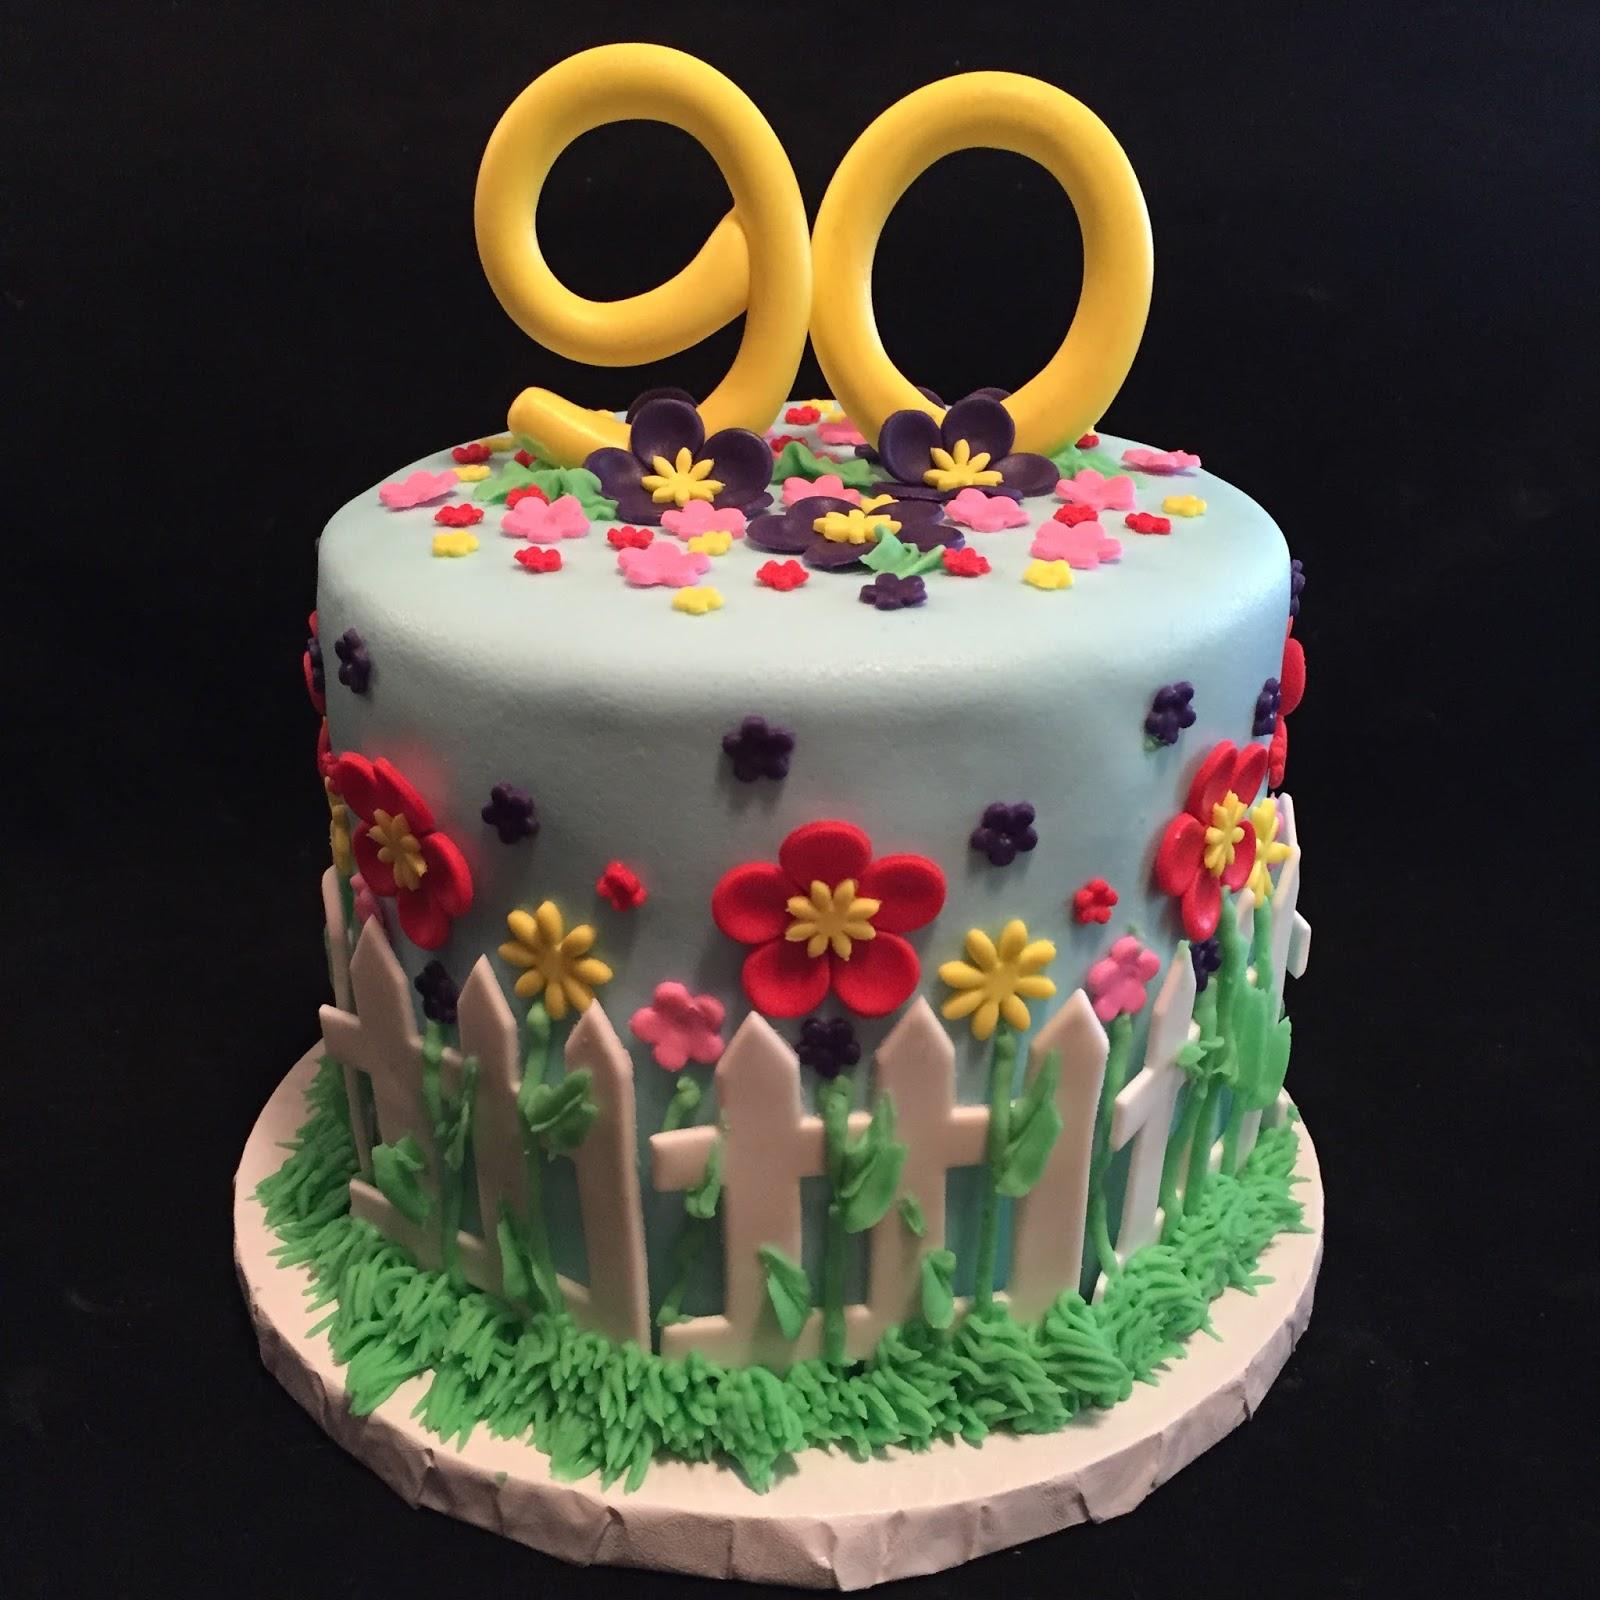 Grandma Joyce's 90th Birthday